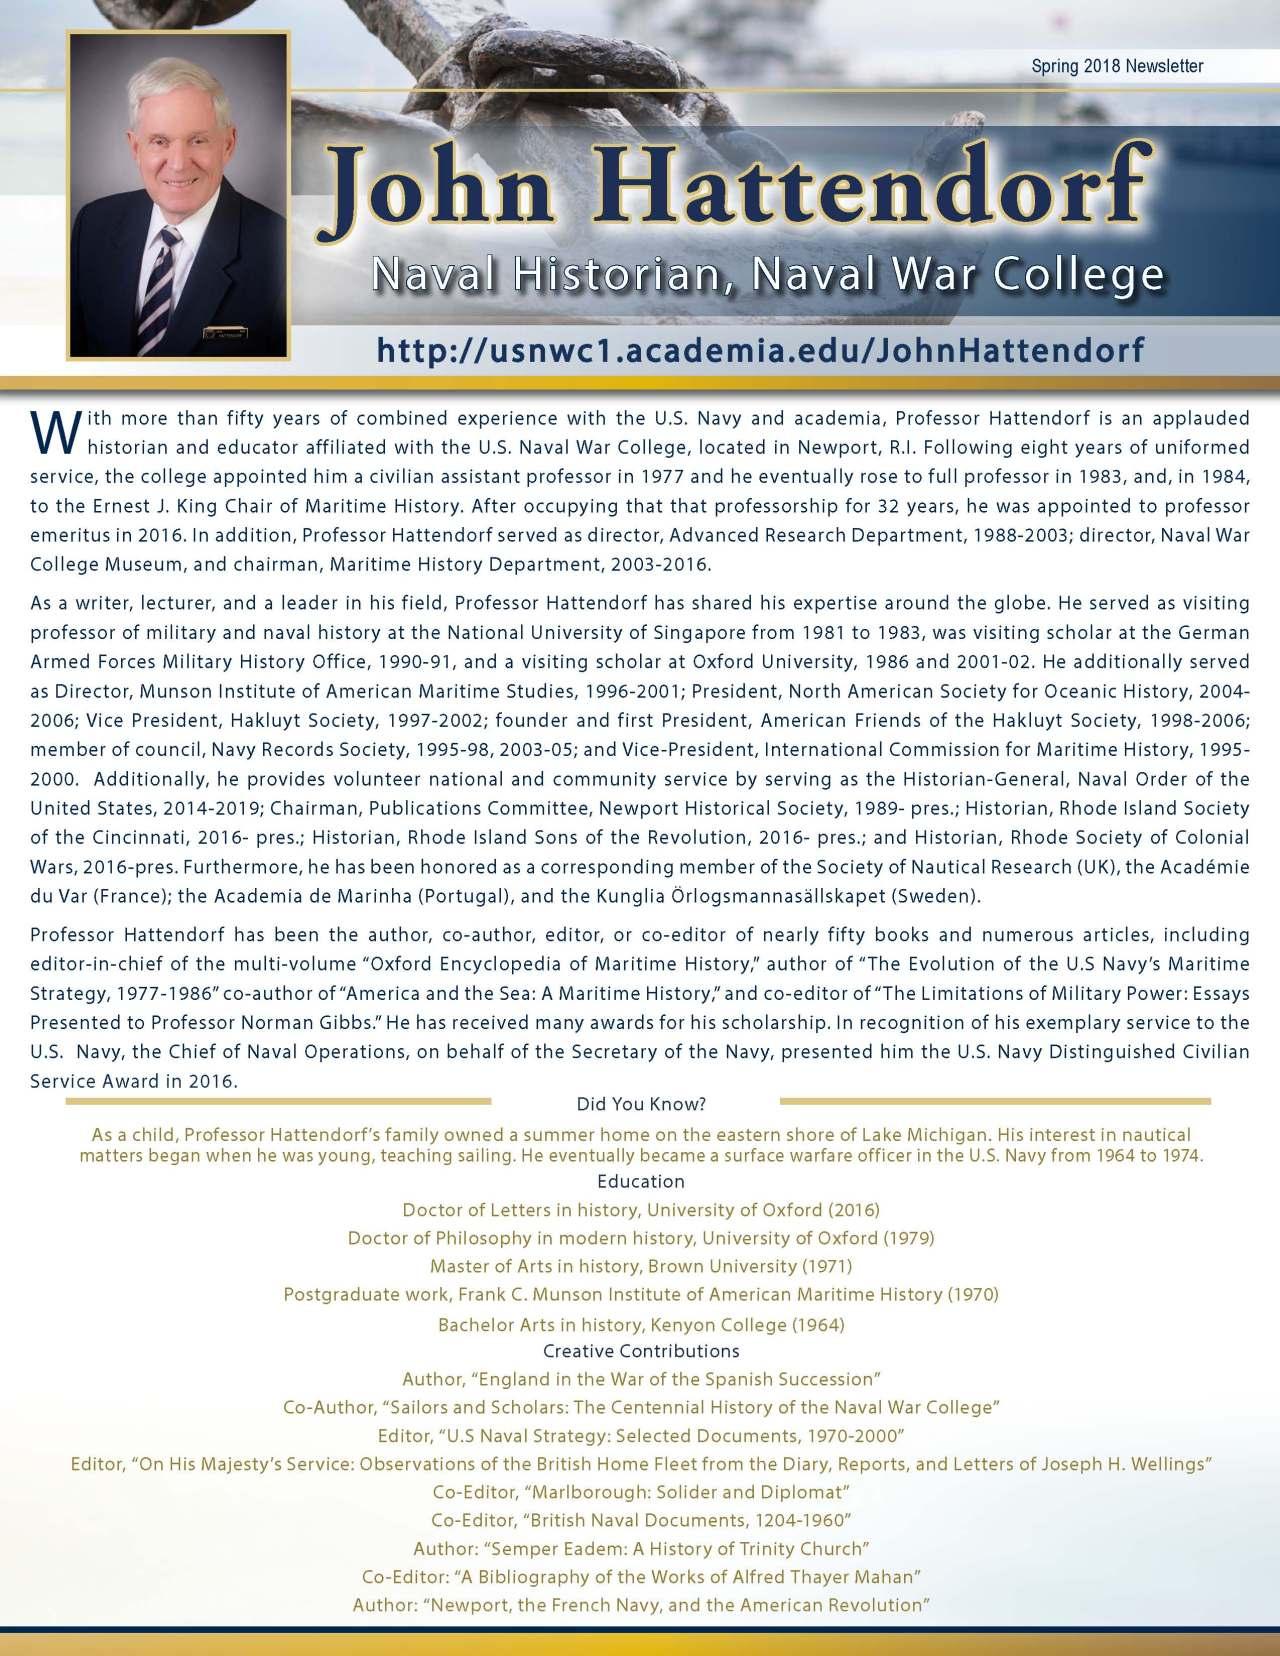 Hattendorf, John 3711026_4003711026 Newsletter REVISED